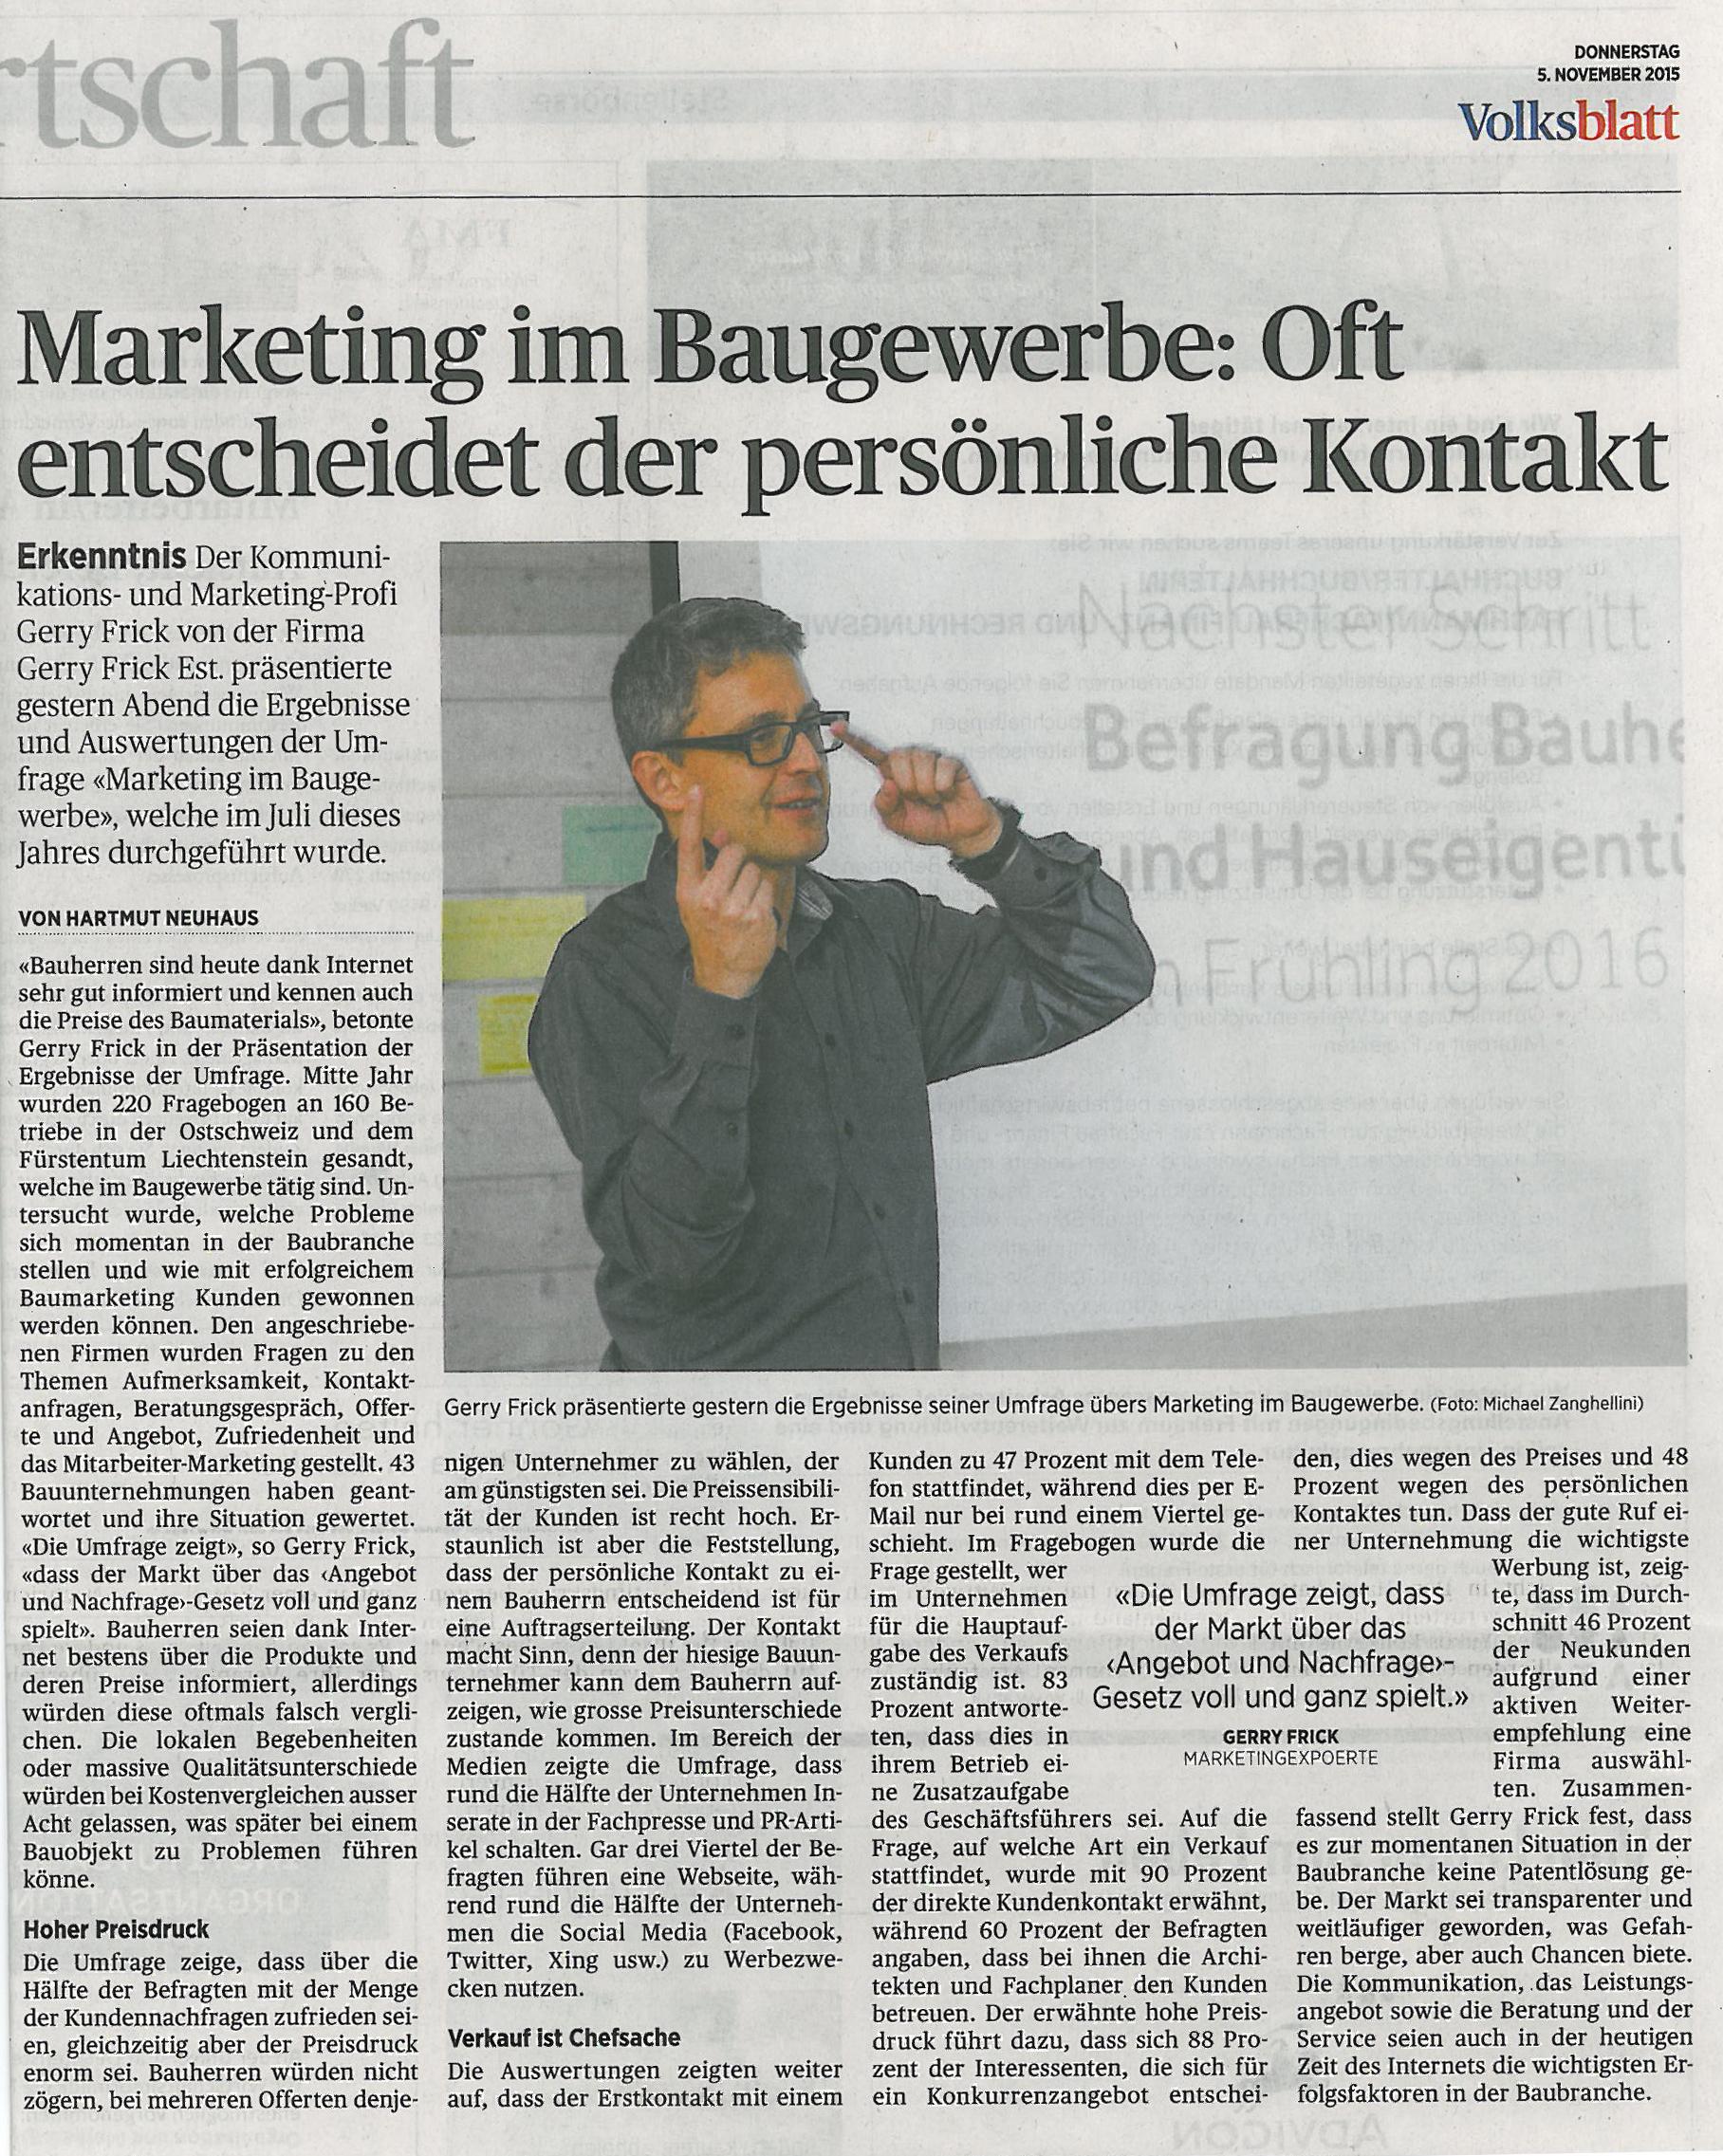 Pressetext zur Präsentation Marketing im Baugewerbe von GERRYFRICK